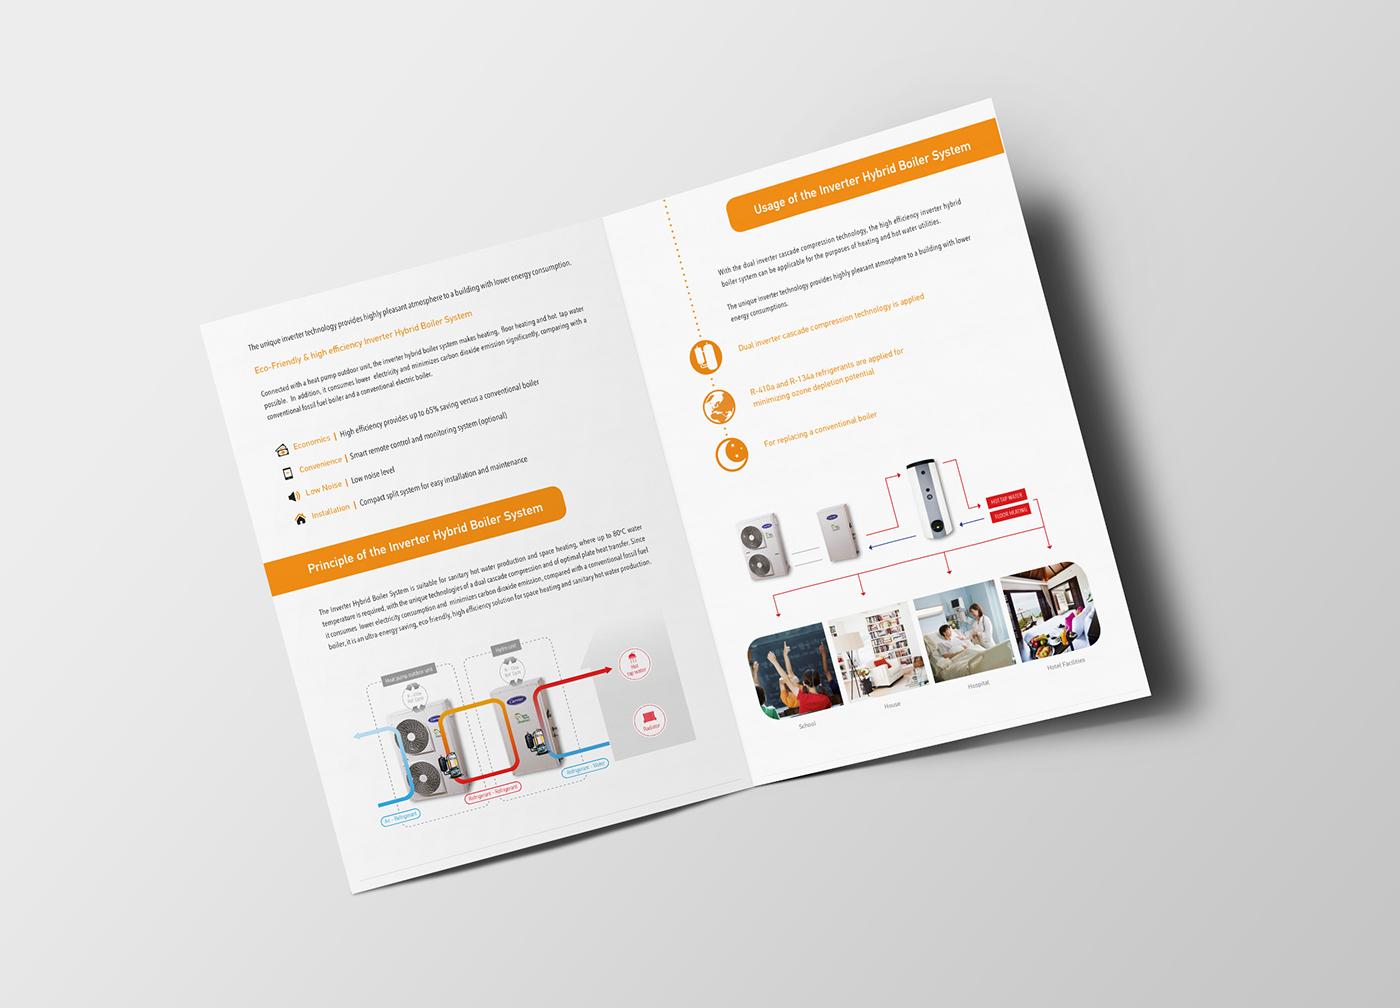 Großartig Wie Installiere Ich Ein Boilersystem Bilder - Schaltplan ...